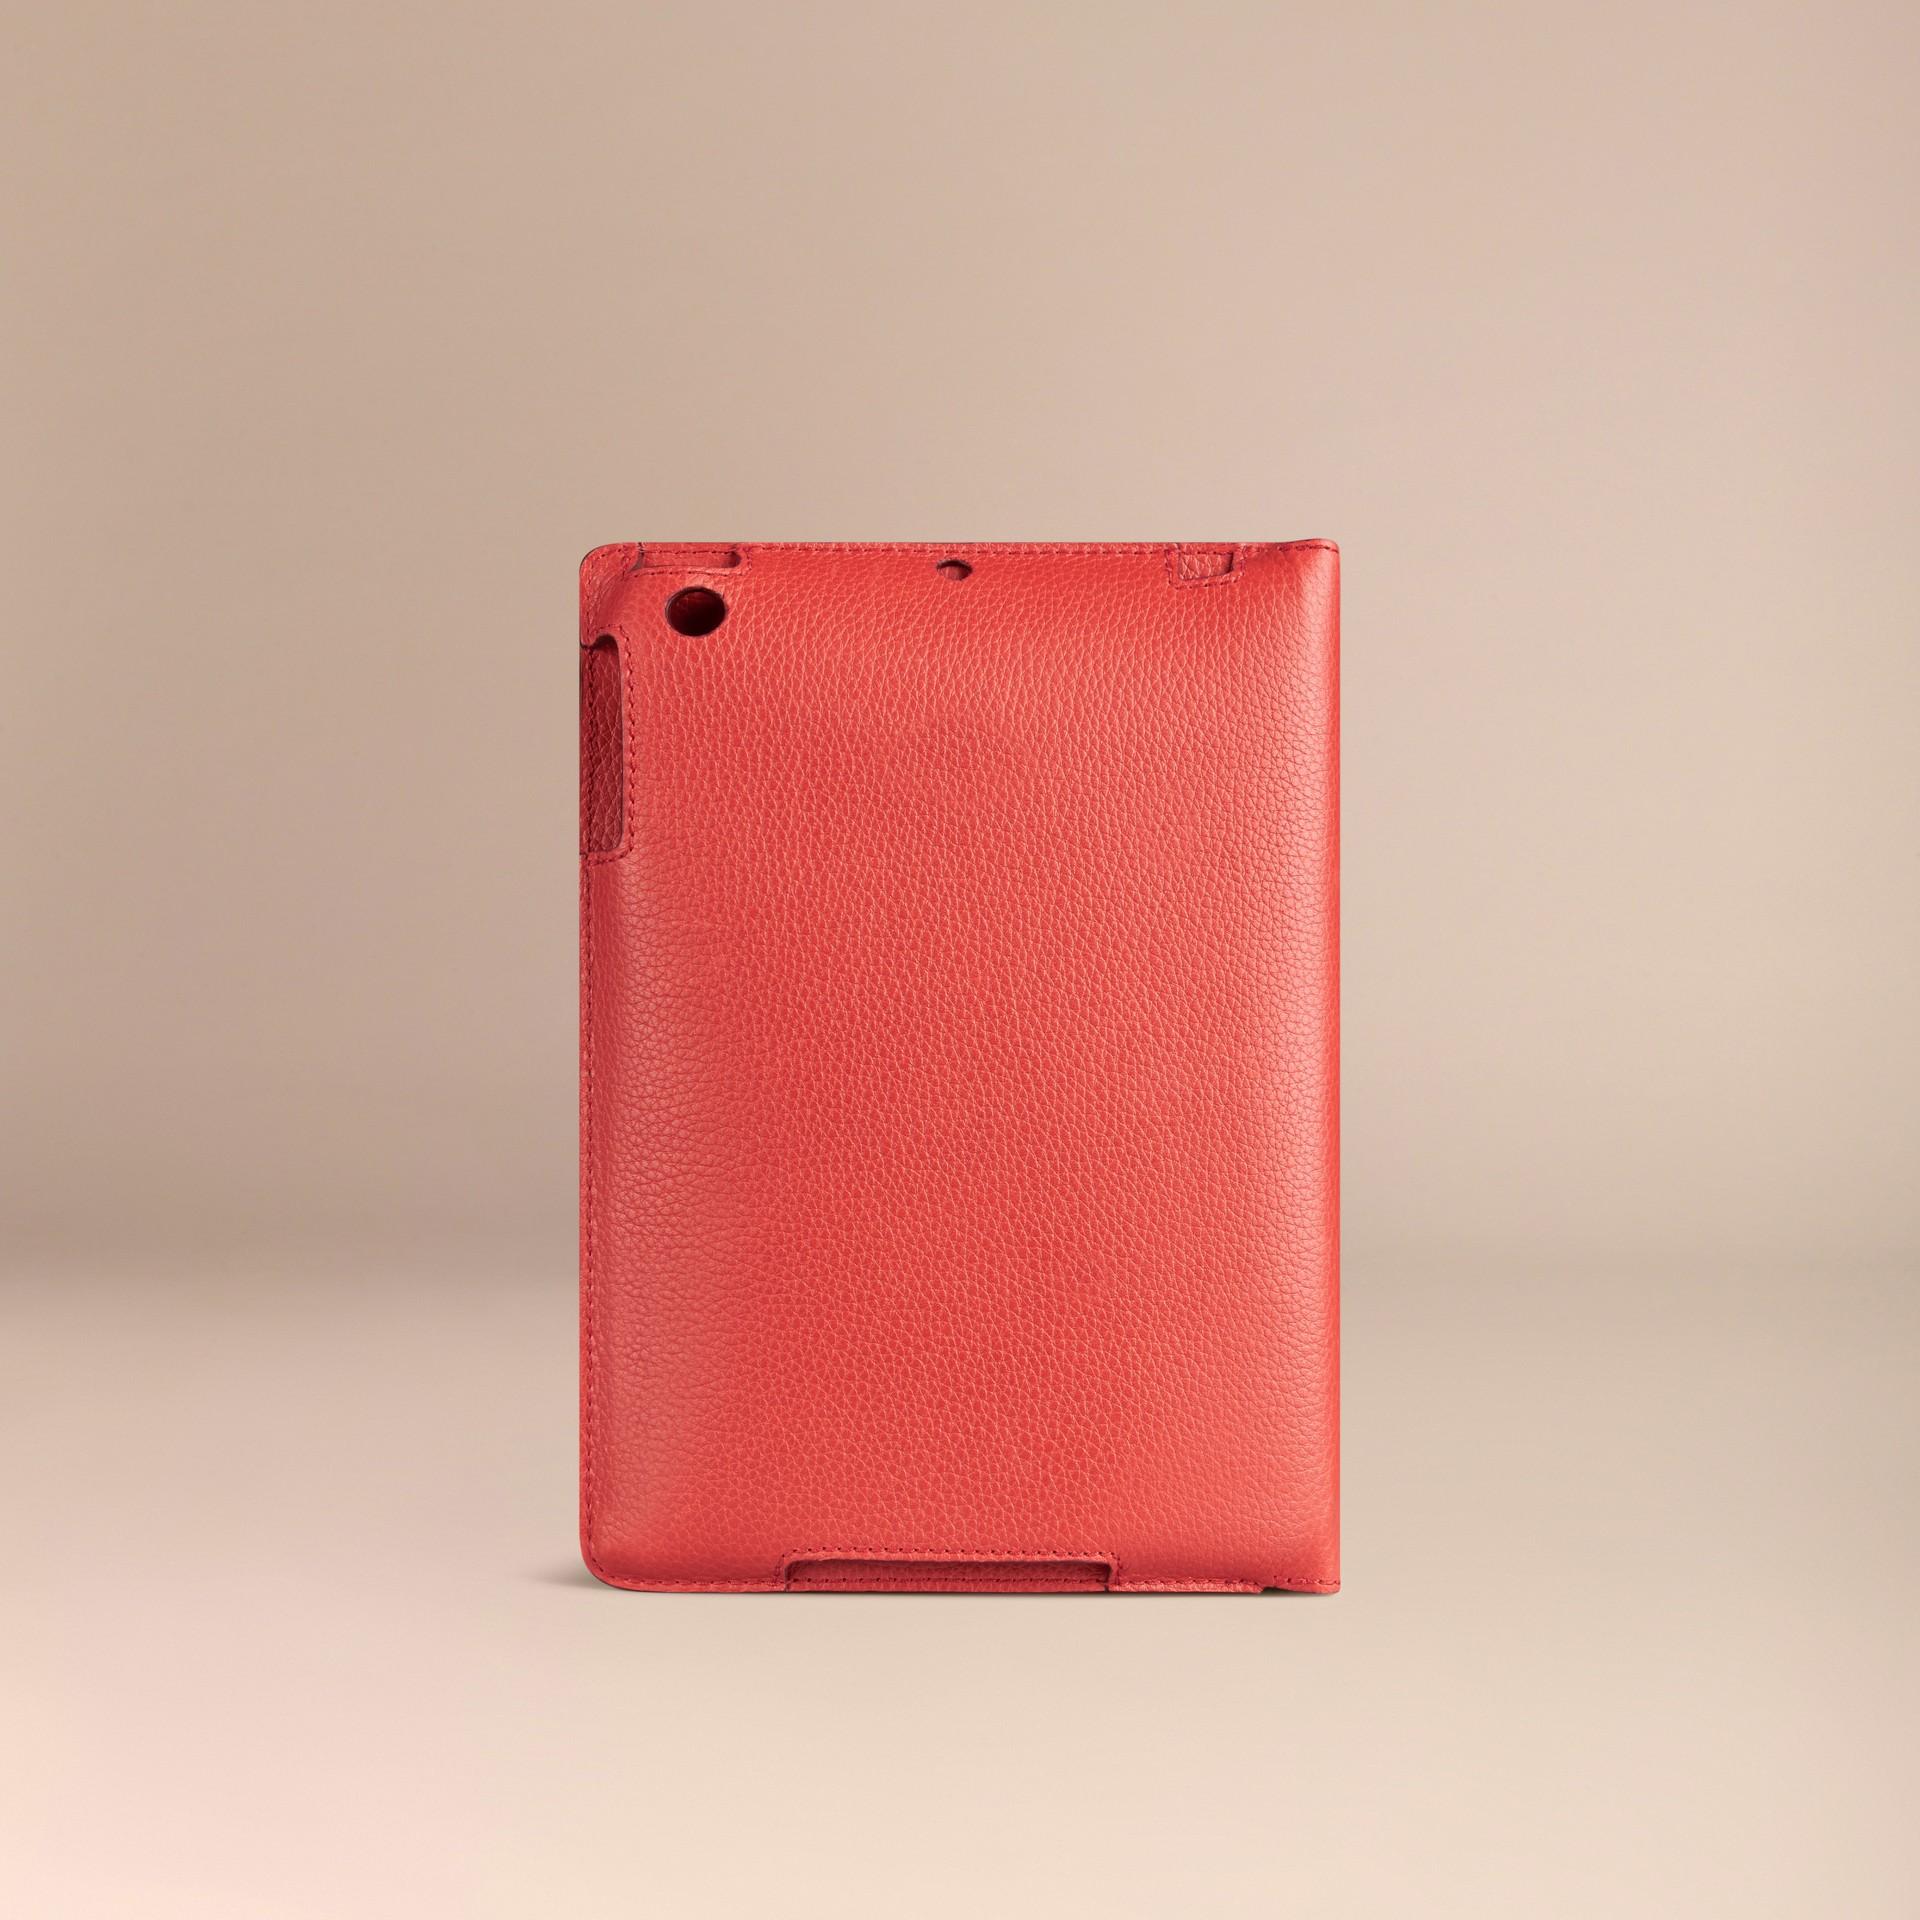 Rosso arancione Custodia per iPad mini in pelle a grana Rosso Arancione - immagine della galleria 2